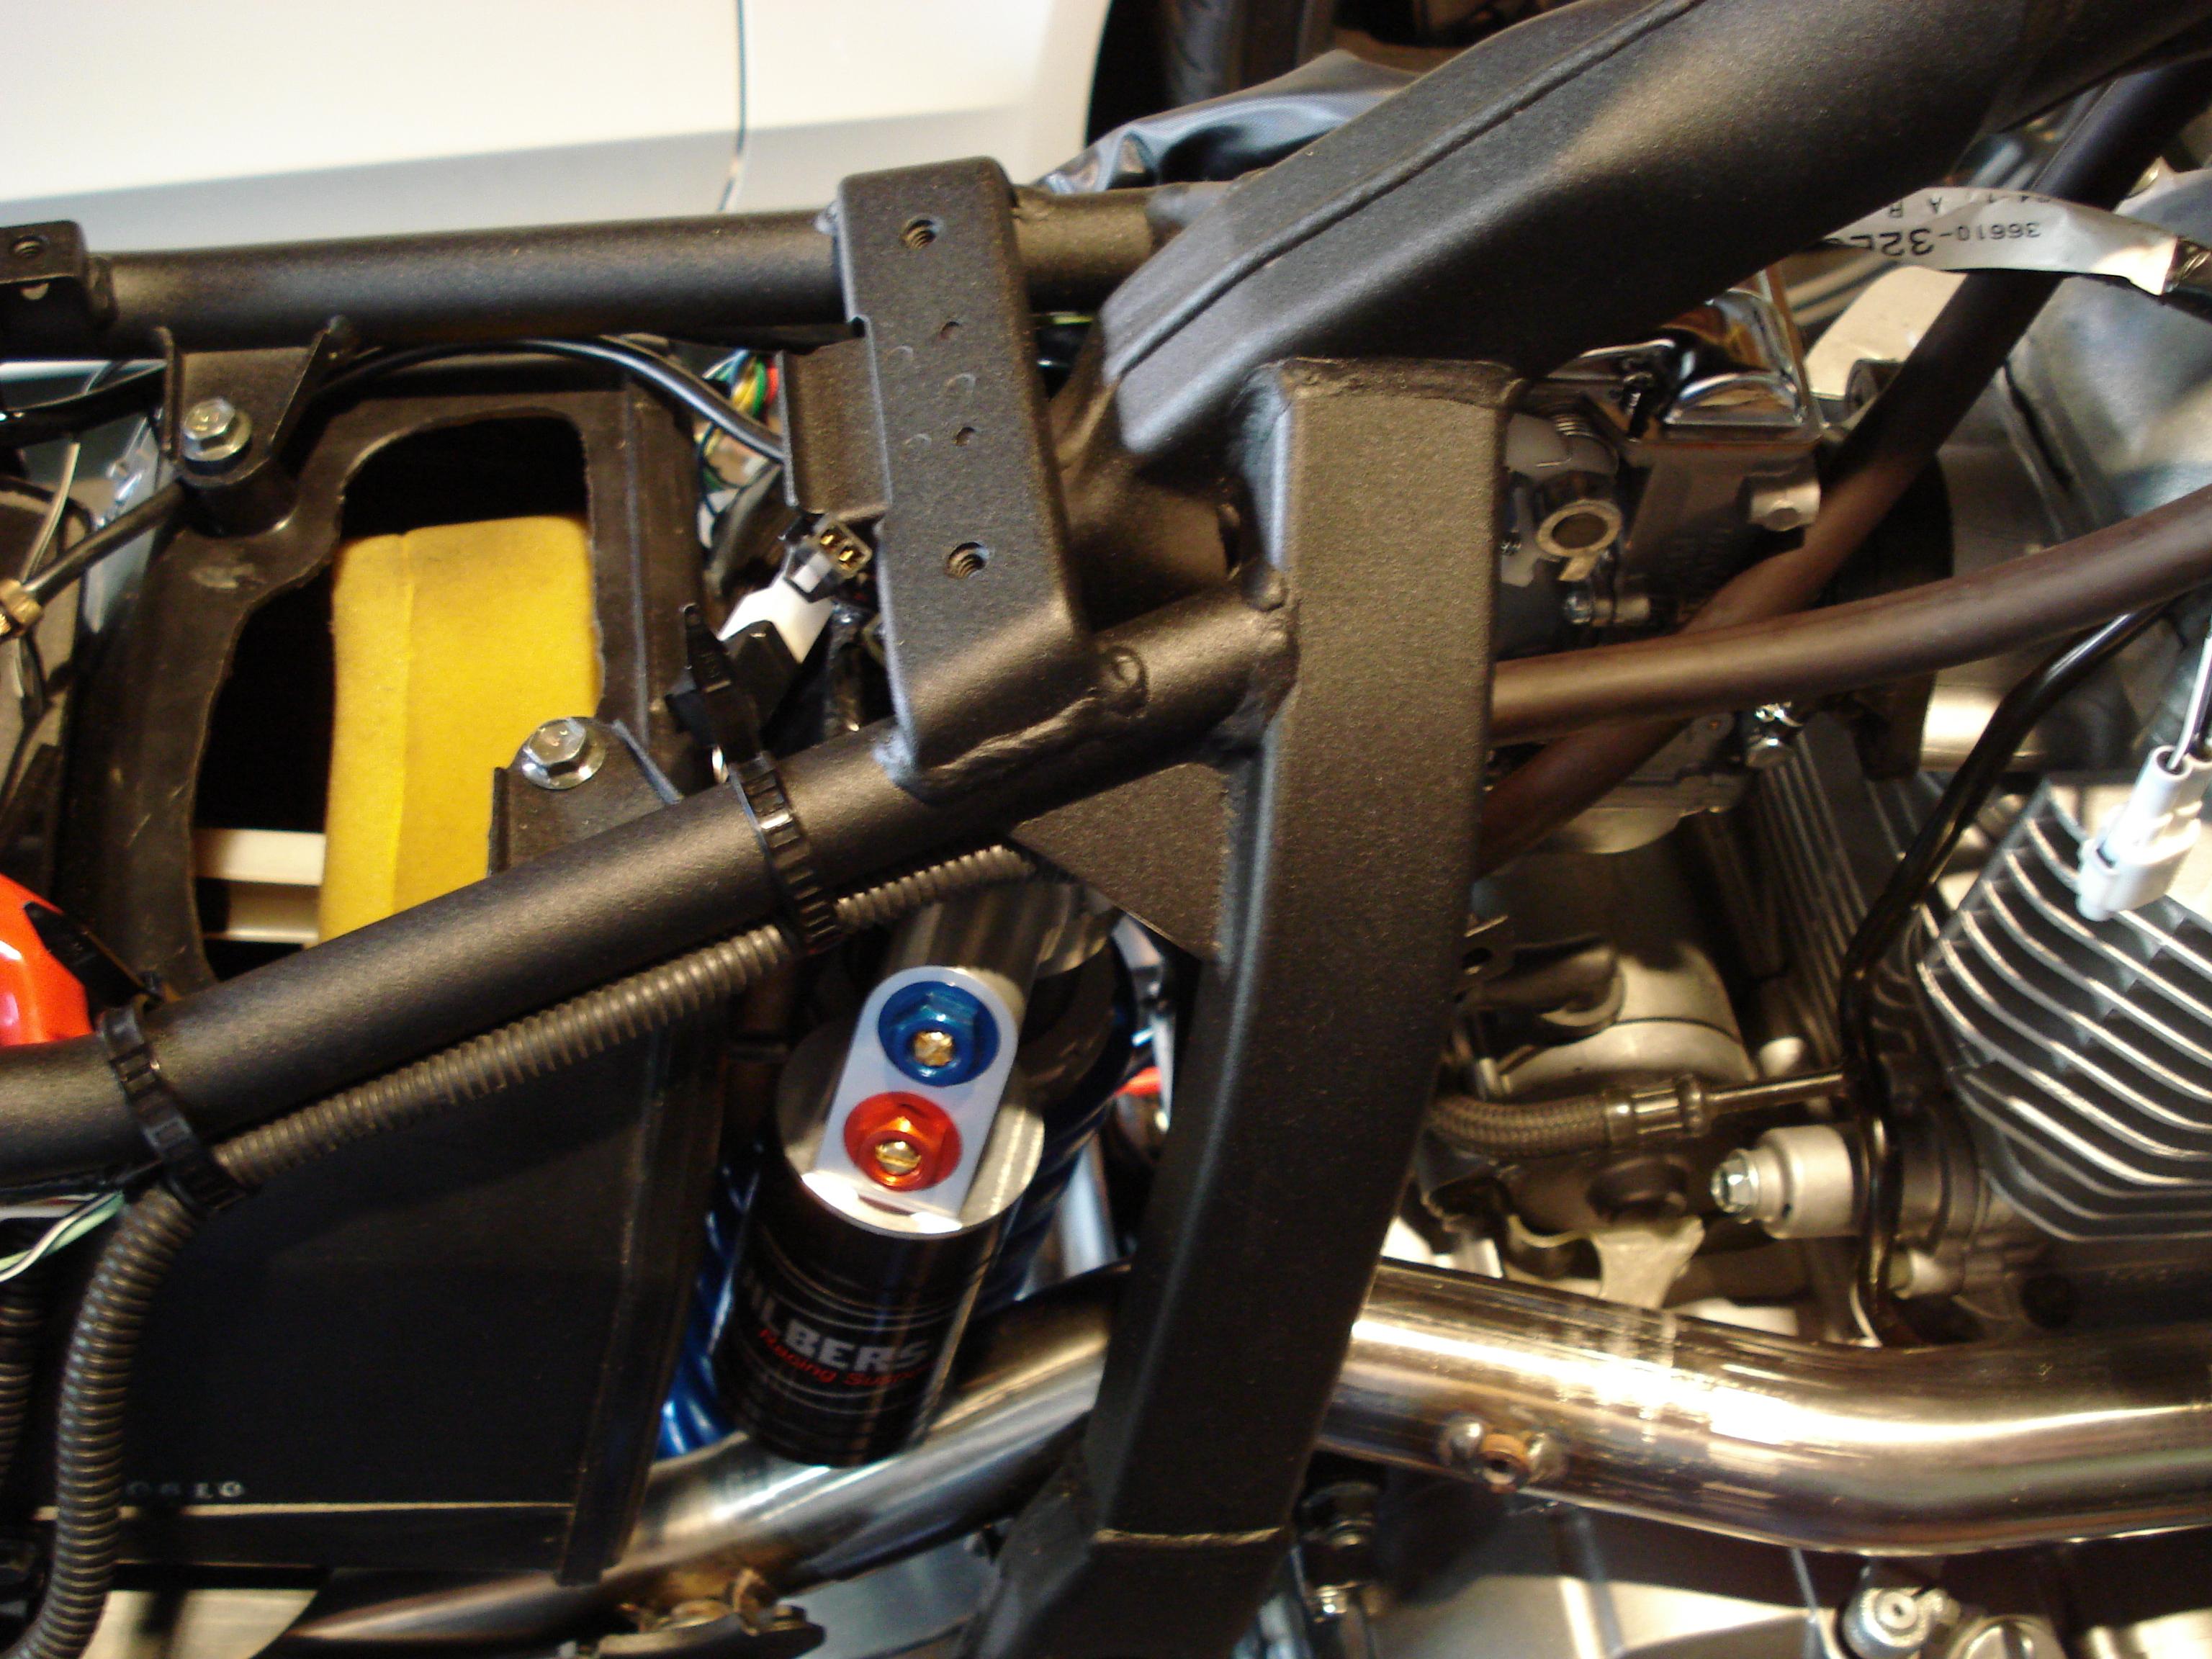 Suzuki DR650 Build - Transformation to an Adventure Bike